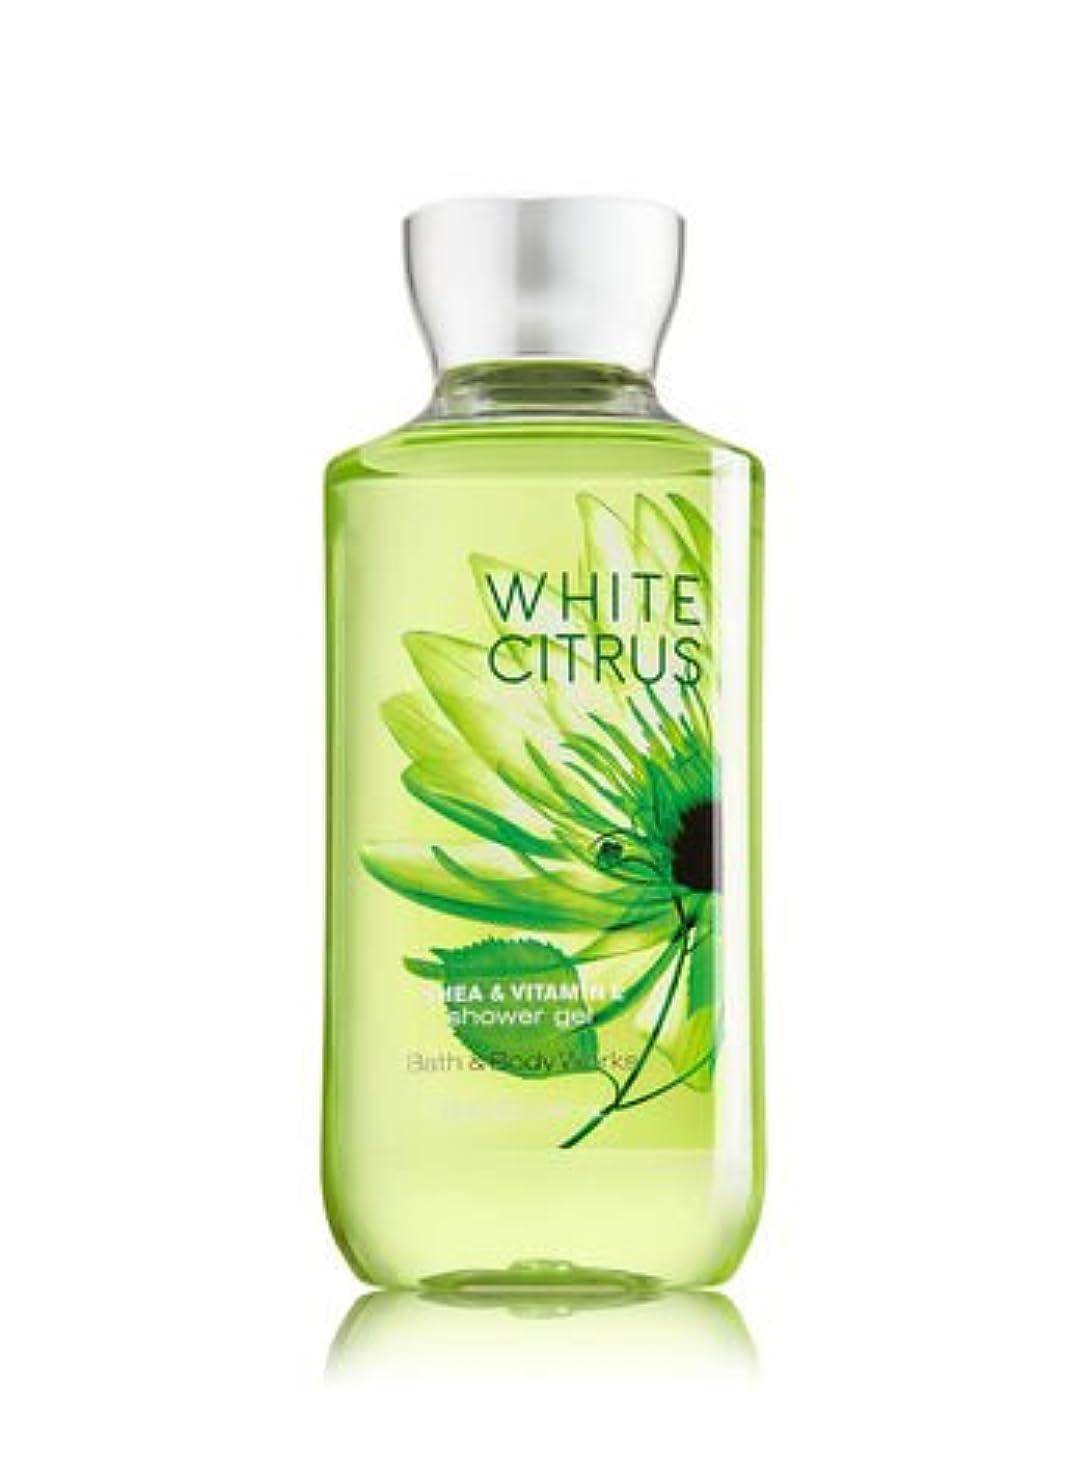 ソファー無効出くわすバス&ボディワークス ホワイトシトラス シャワージェル White Citrus Shower Gel [並行輸入品]